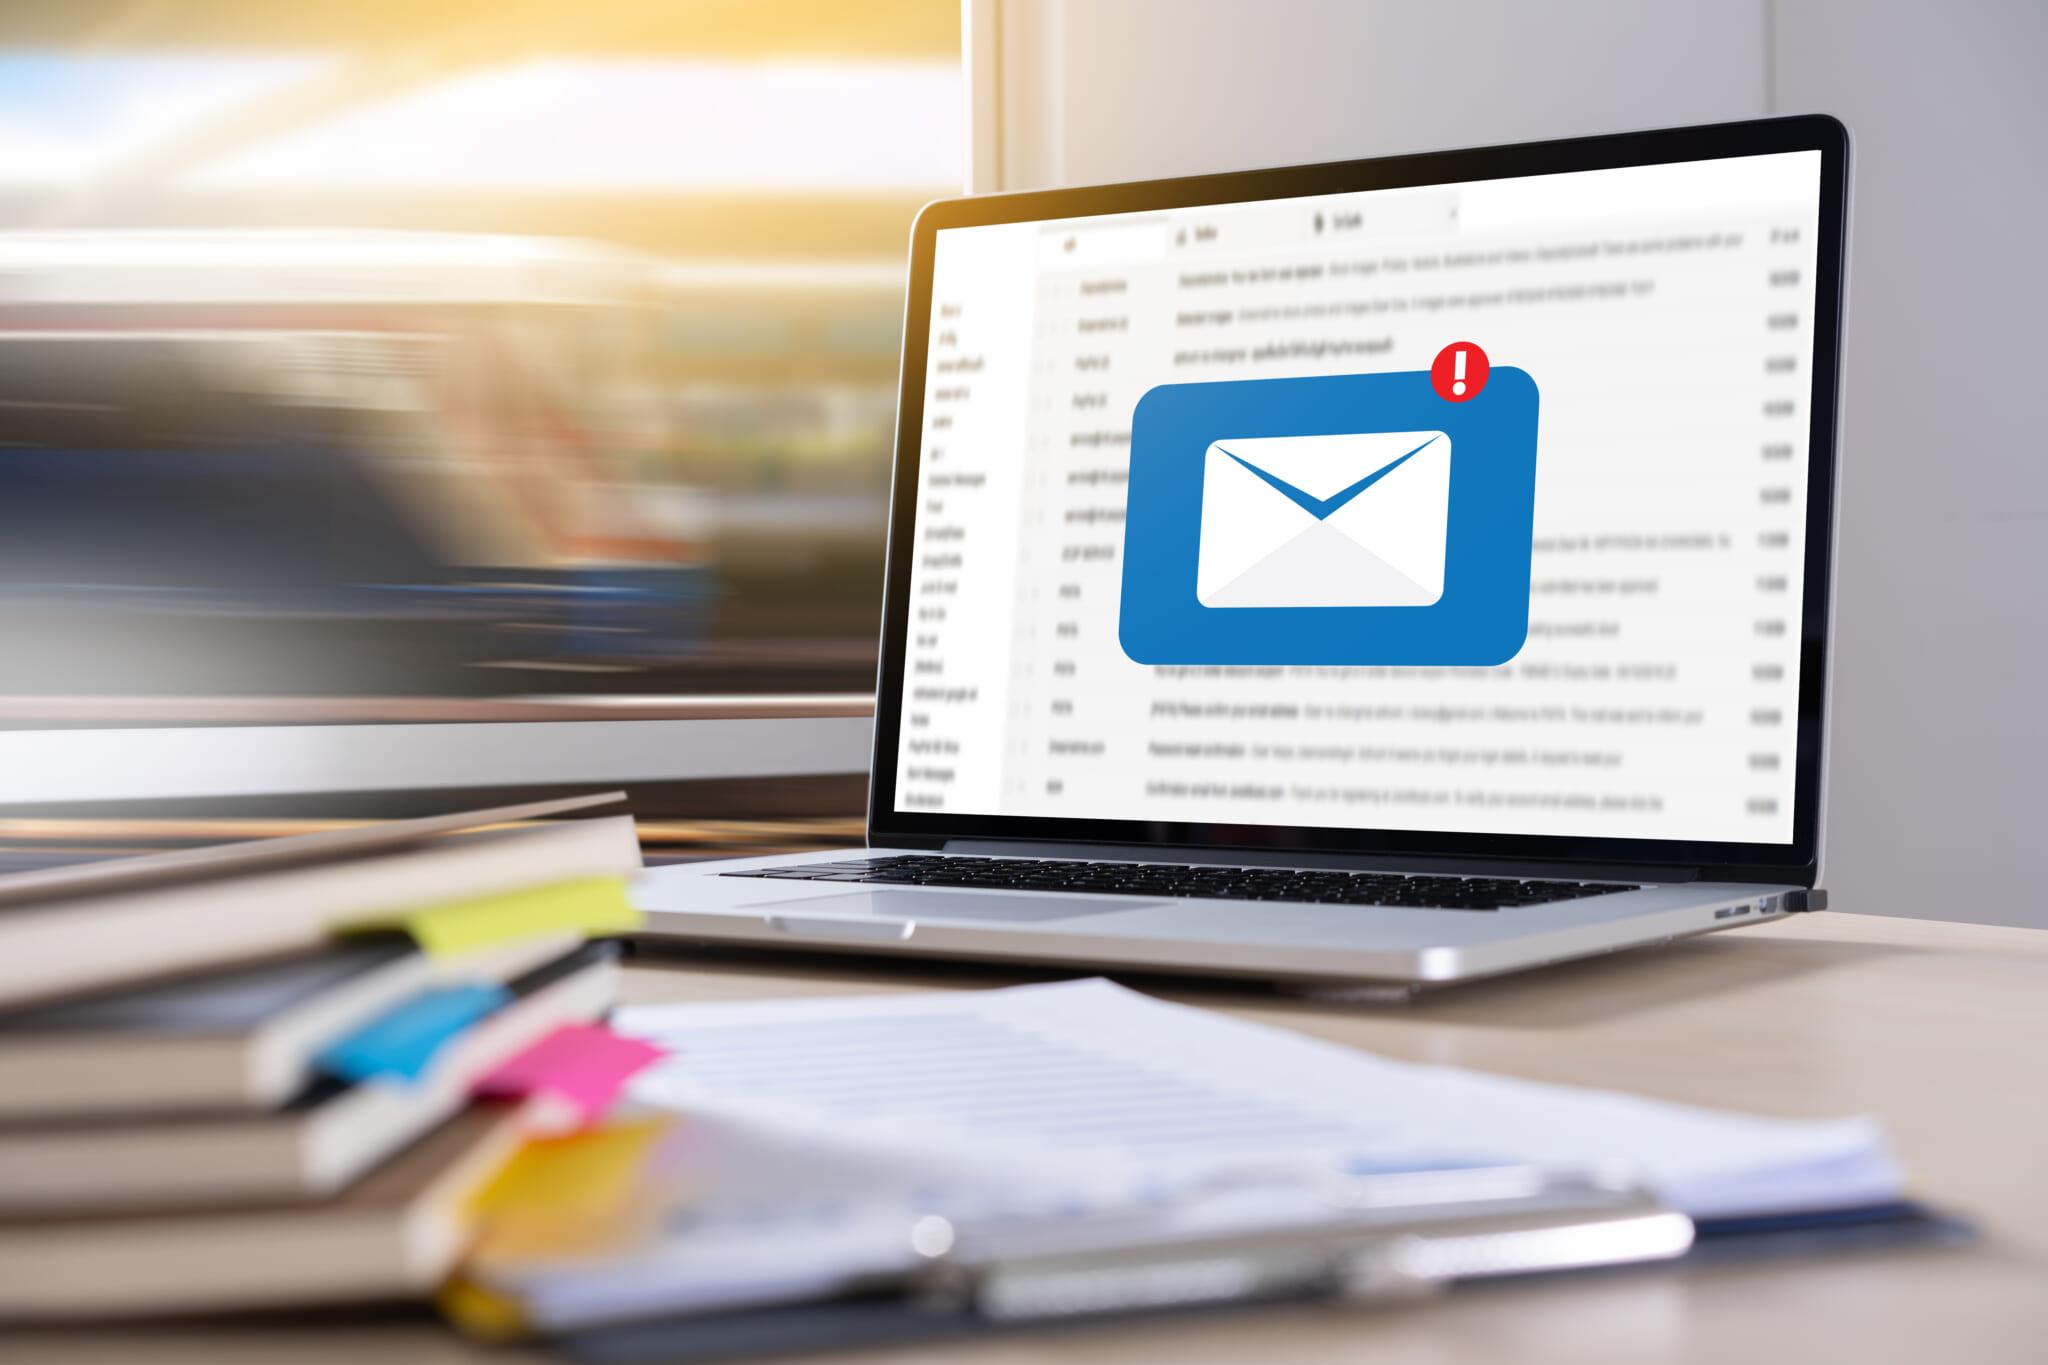 効果的なメールマーケティングとは?メリット・デメリットや具体的な手法も紹介 見積もり相場ガイド